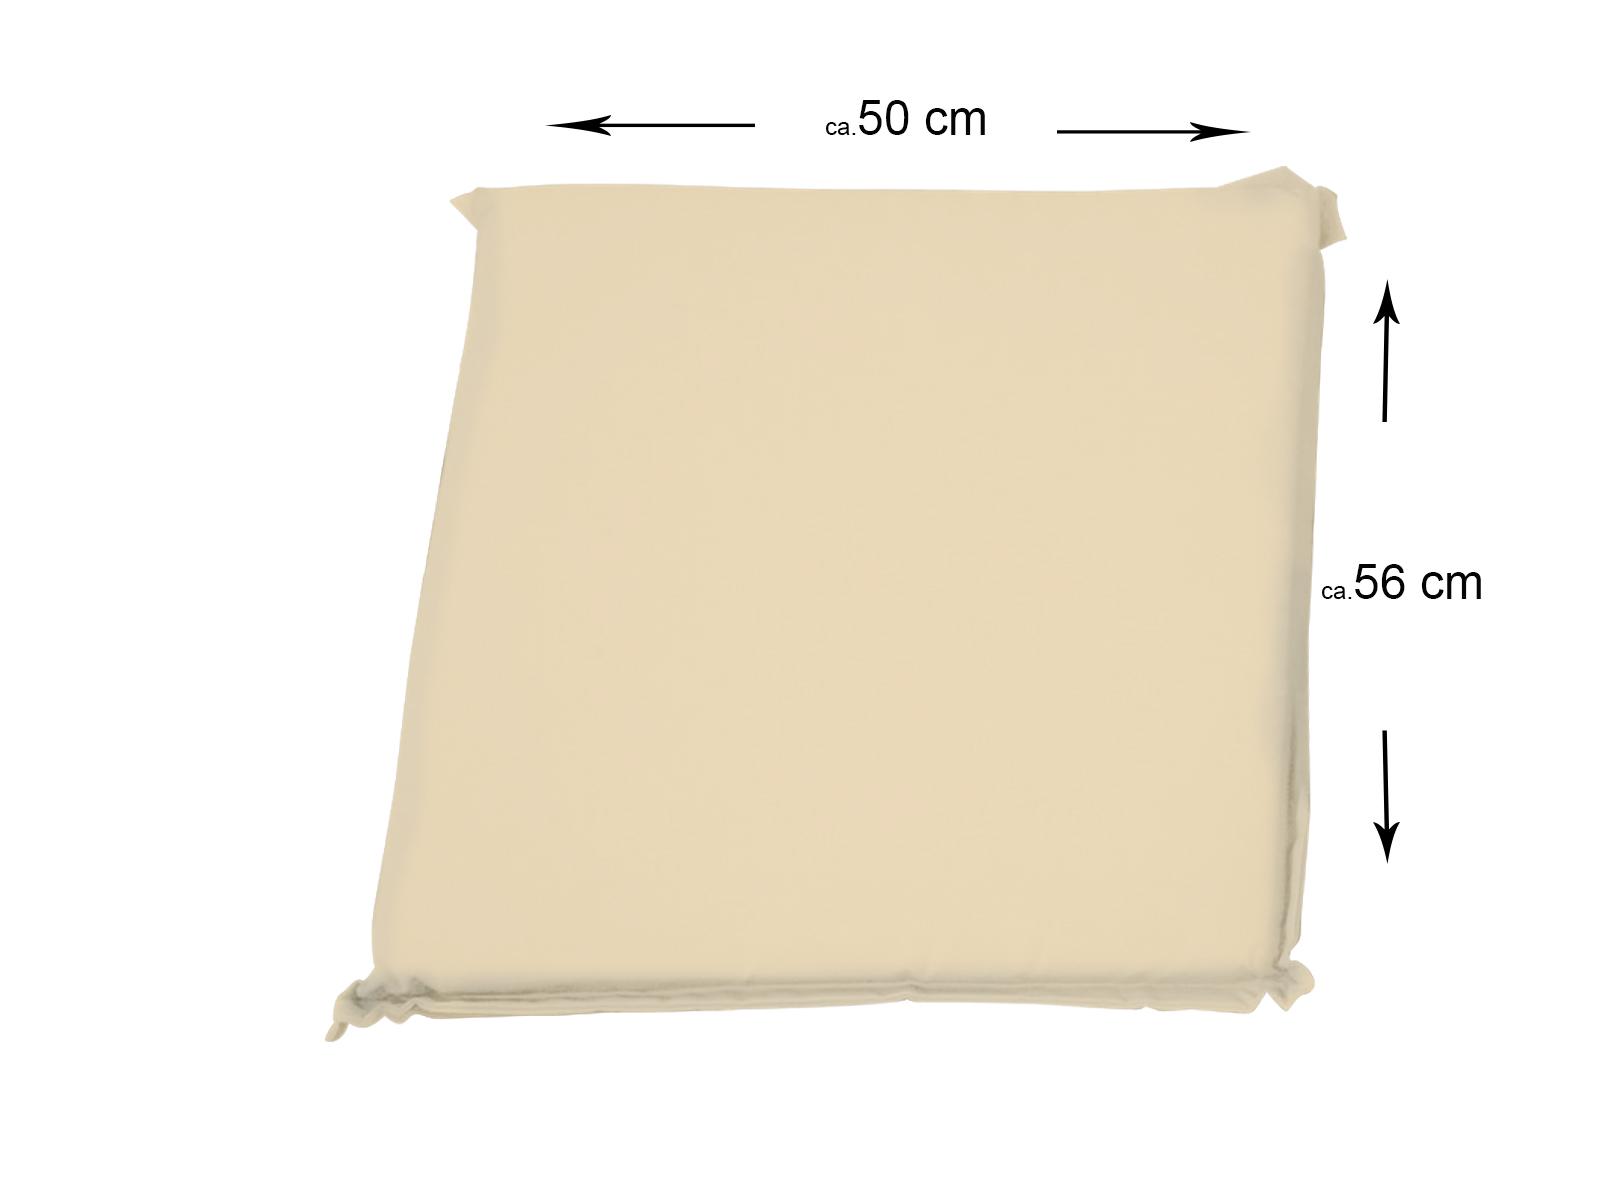 sam sitzkissen 50x56cm f r gartenst hle beige. Black Bedroom Furniture Sets. Home Design Ideas